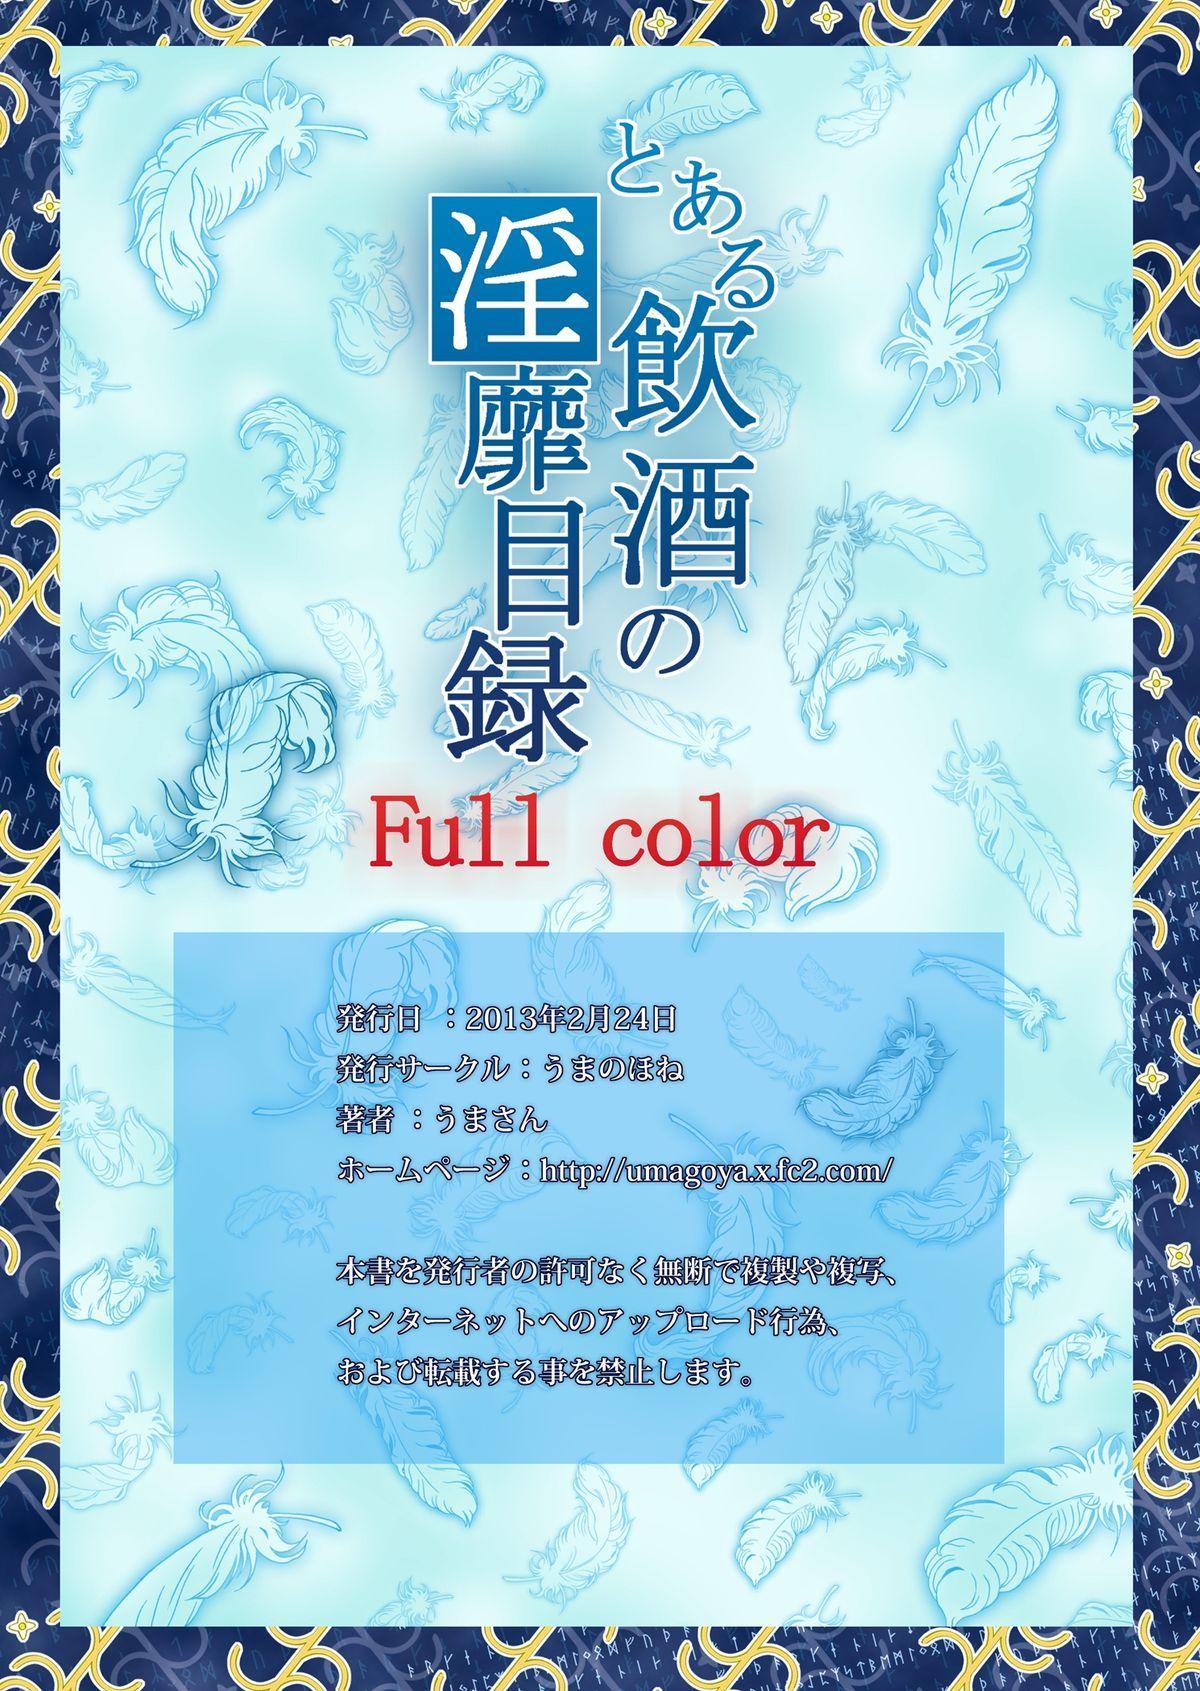 Toaru Inshu no Inbi Mokuroku Full color 21